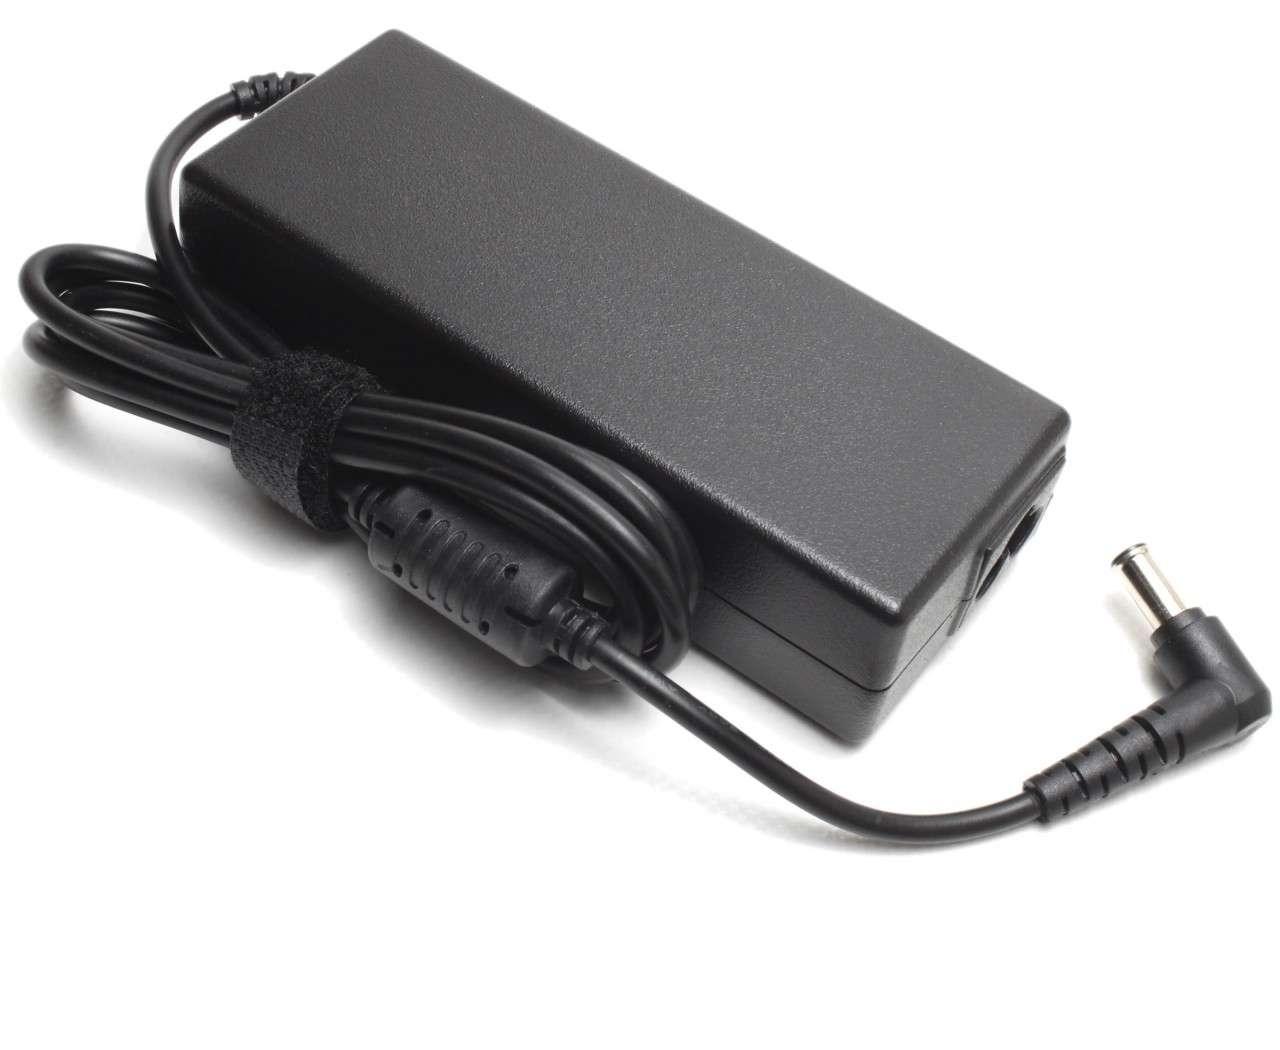 Incarcator Sony Vaio VPCEH1CFX Replacement imagine powerlaptop.ro 2021